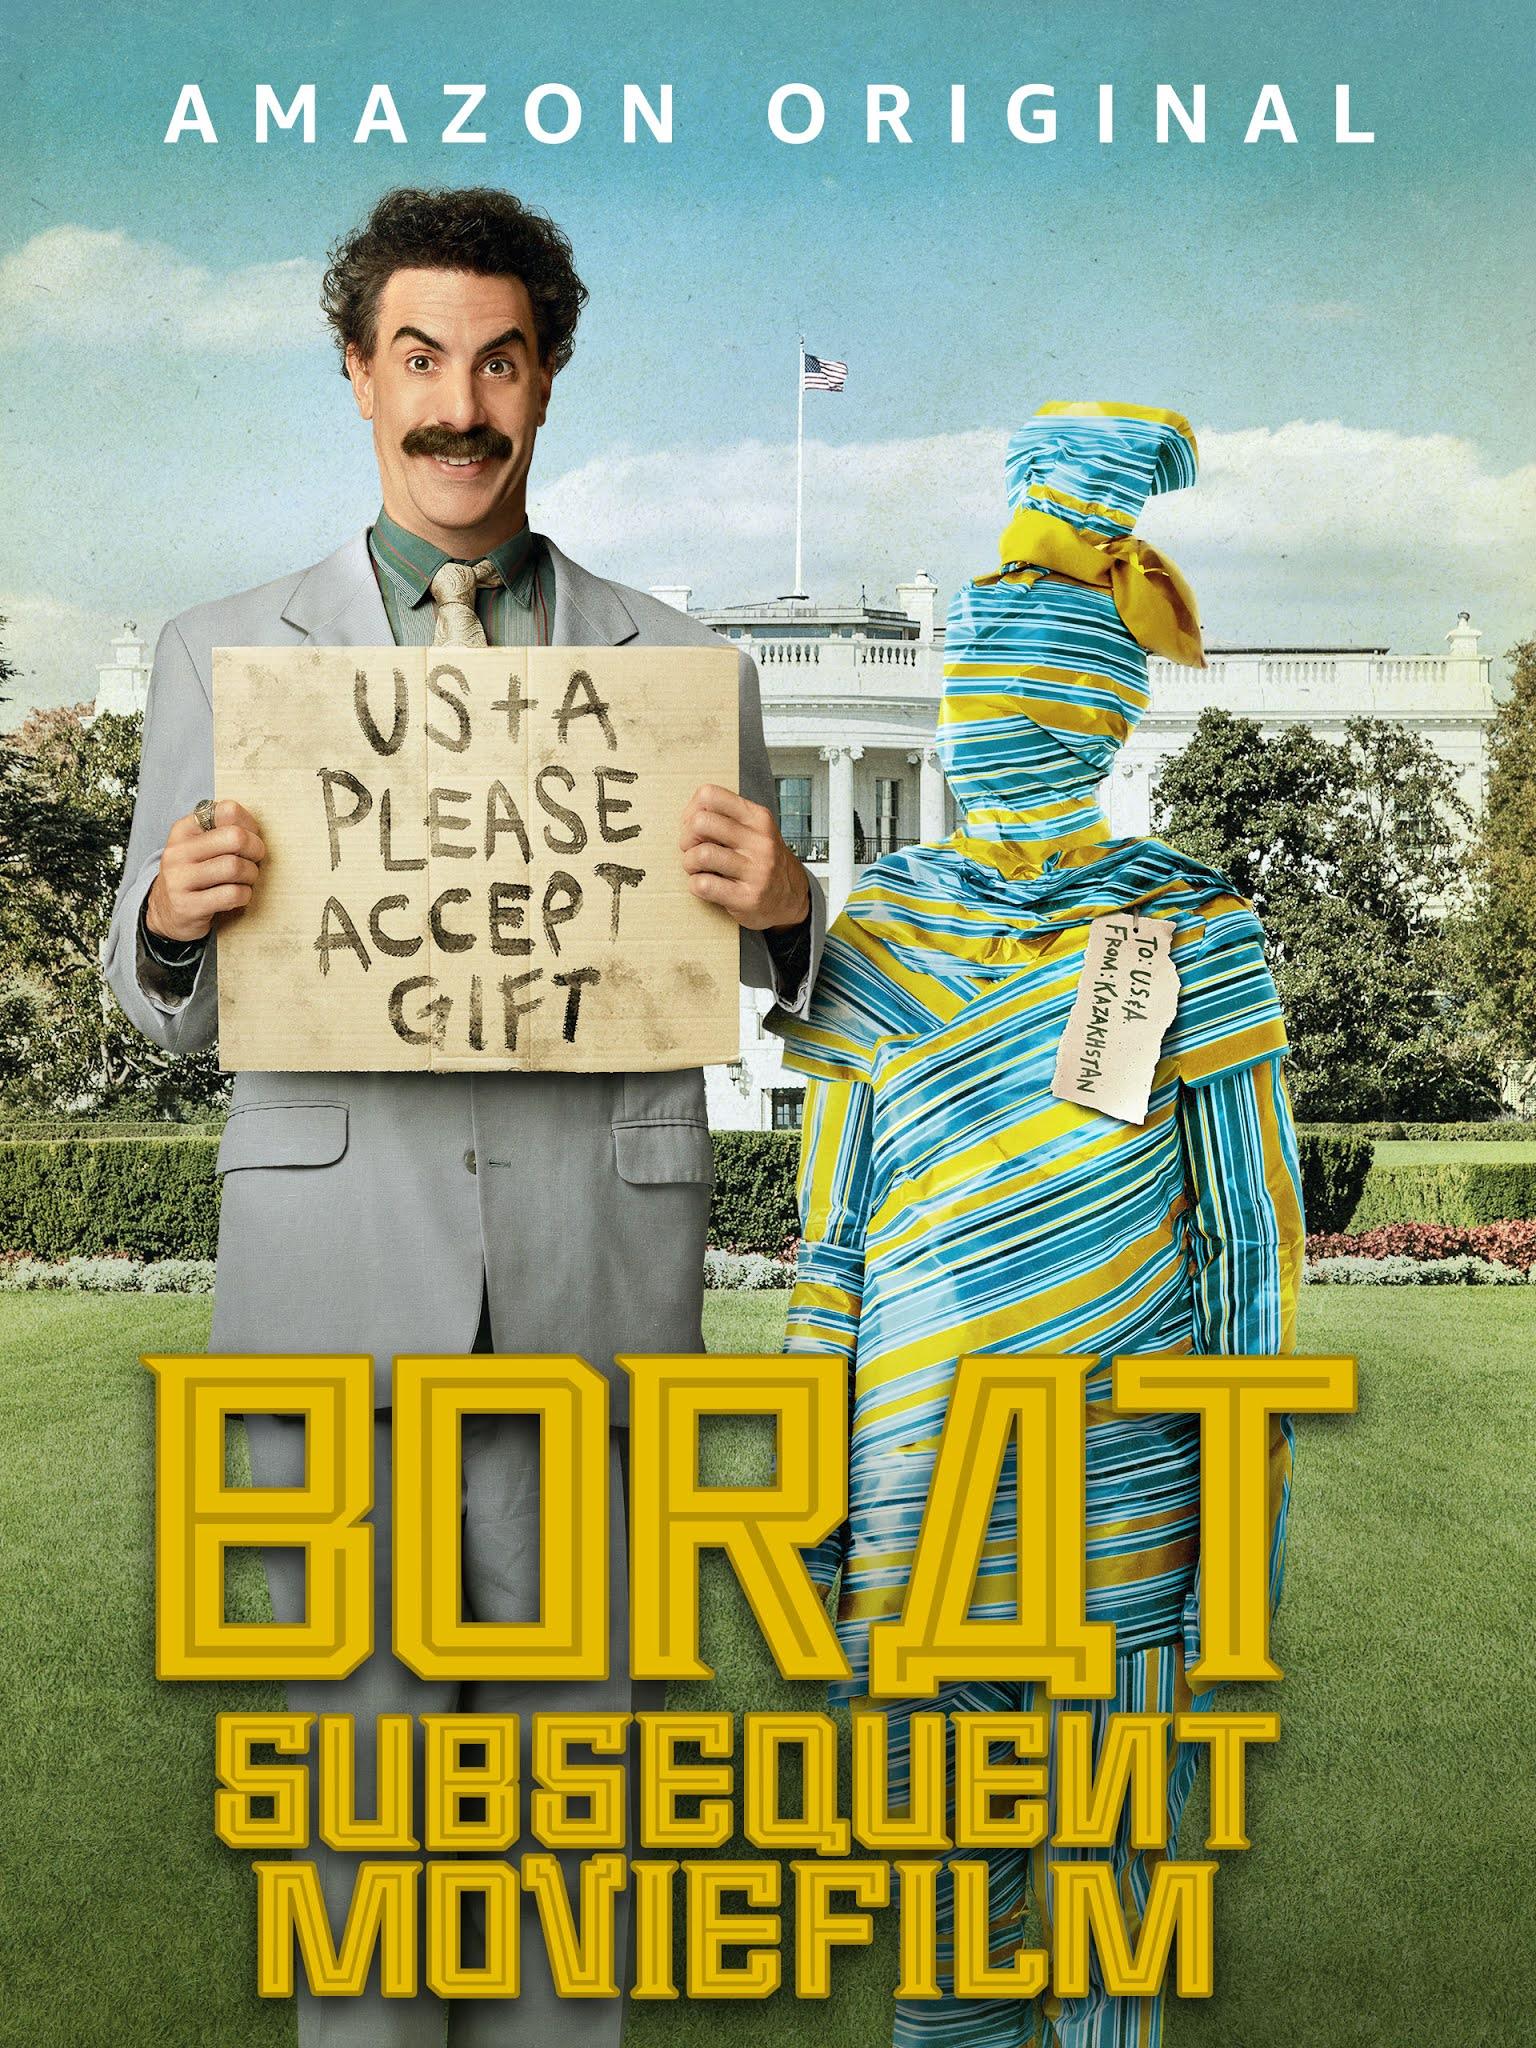 Detrás de las Cámaras: Borat 2, escenas reales y ficción